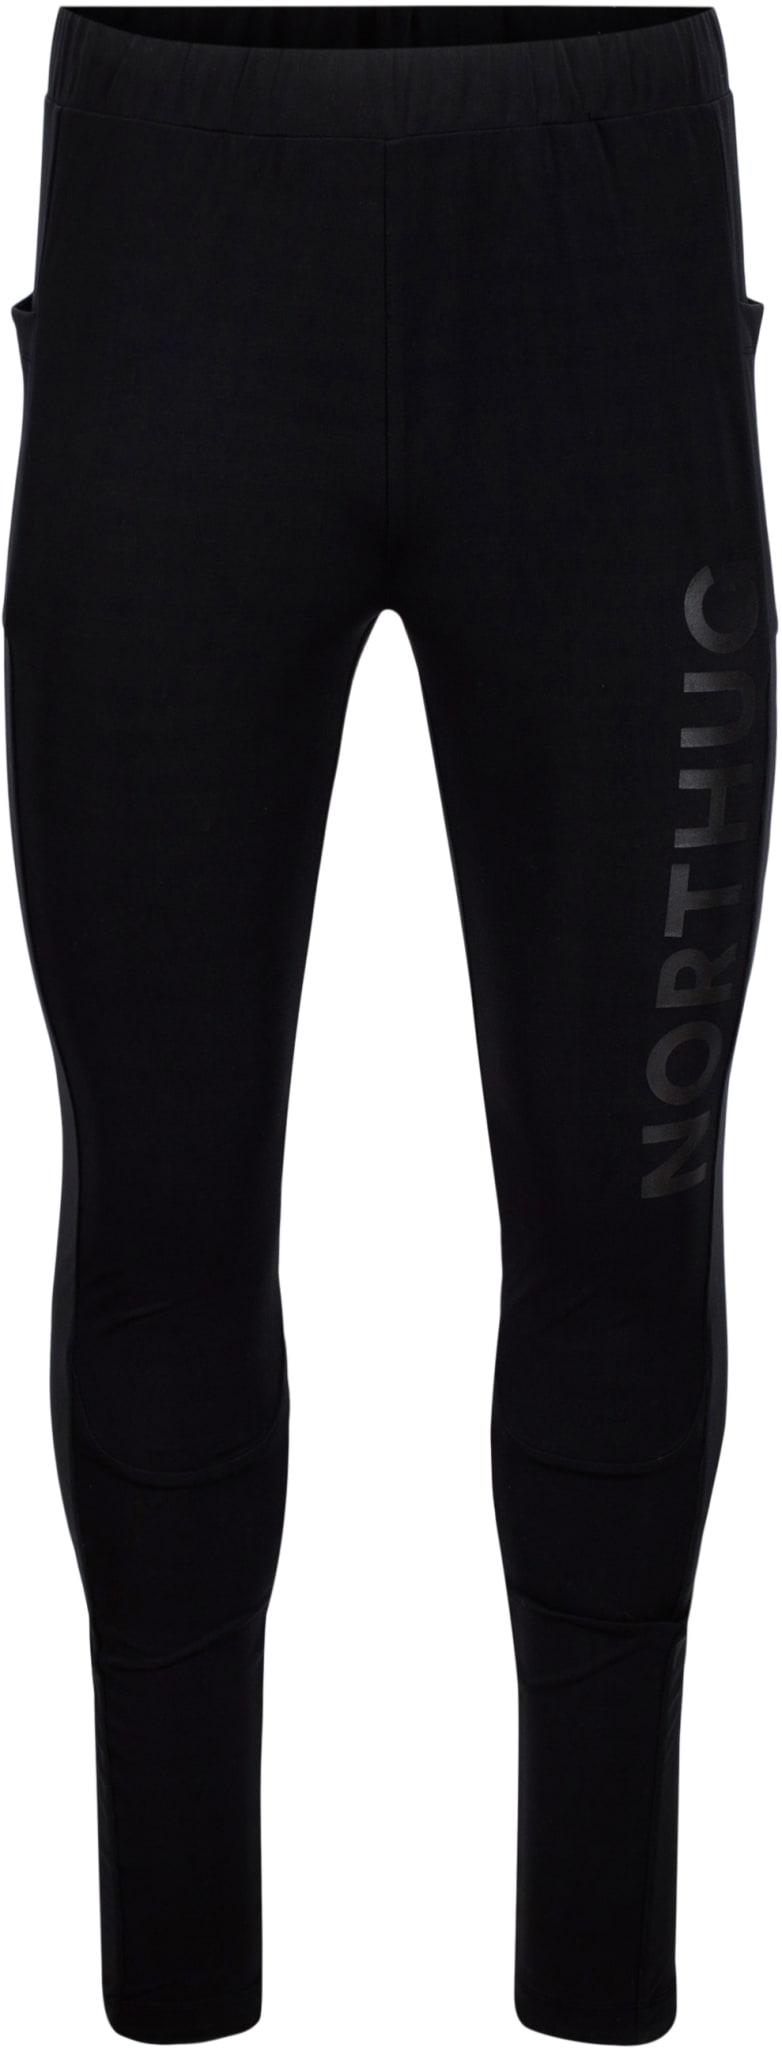 Teknisk tights